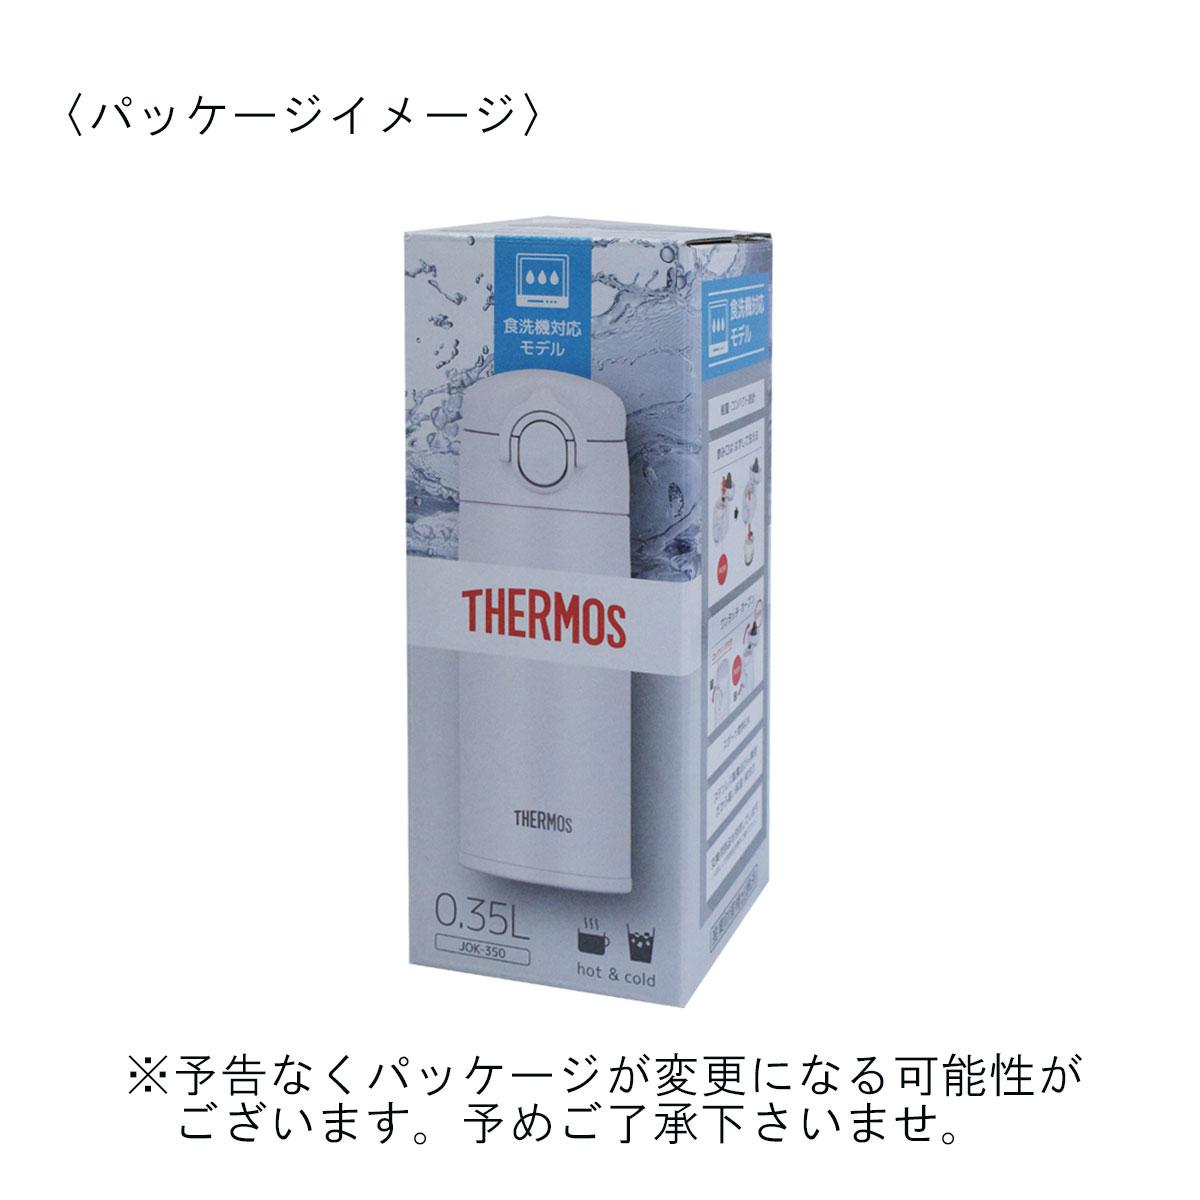 サーモス 真空断熱ケータイマグ 350ml JOK-350